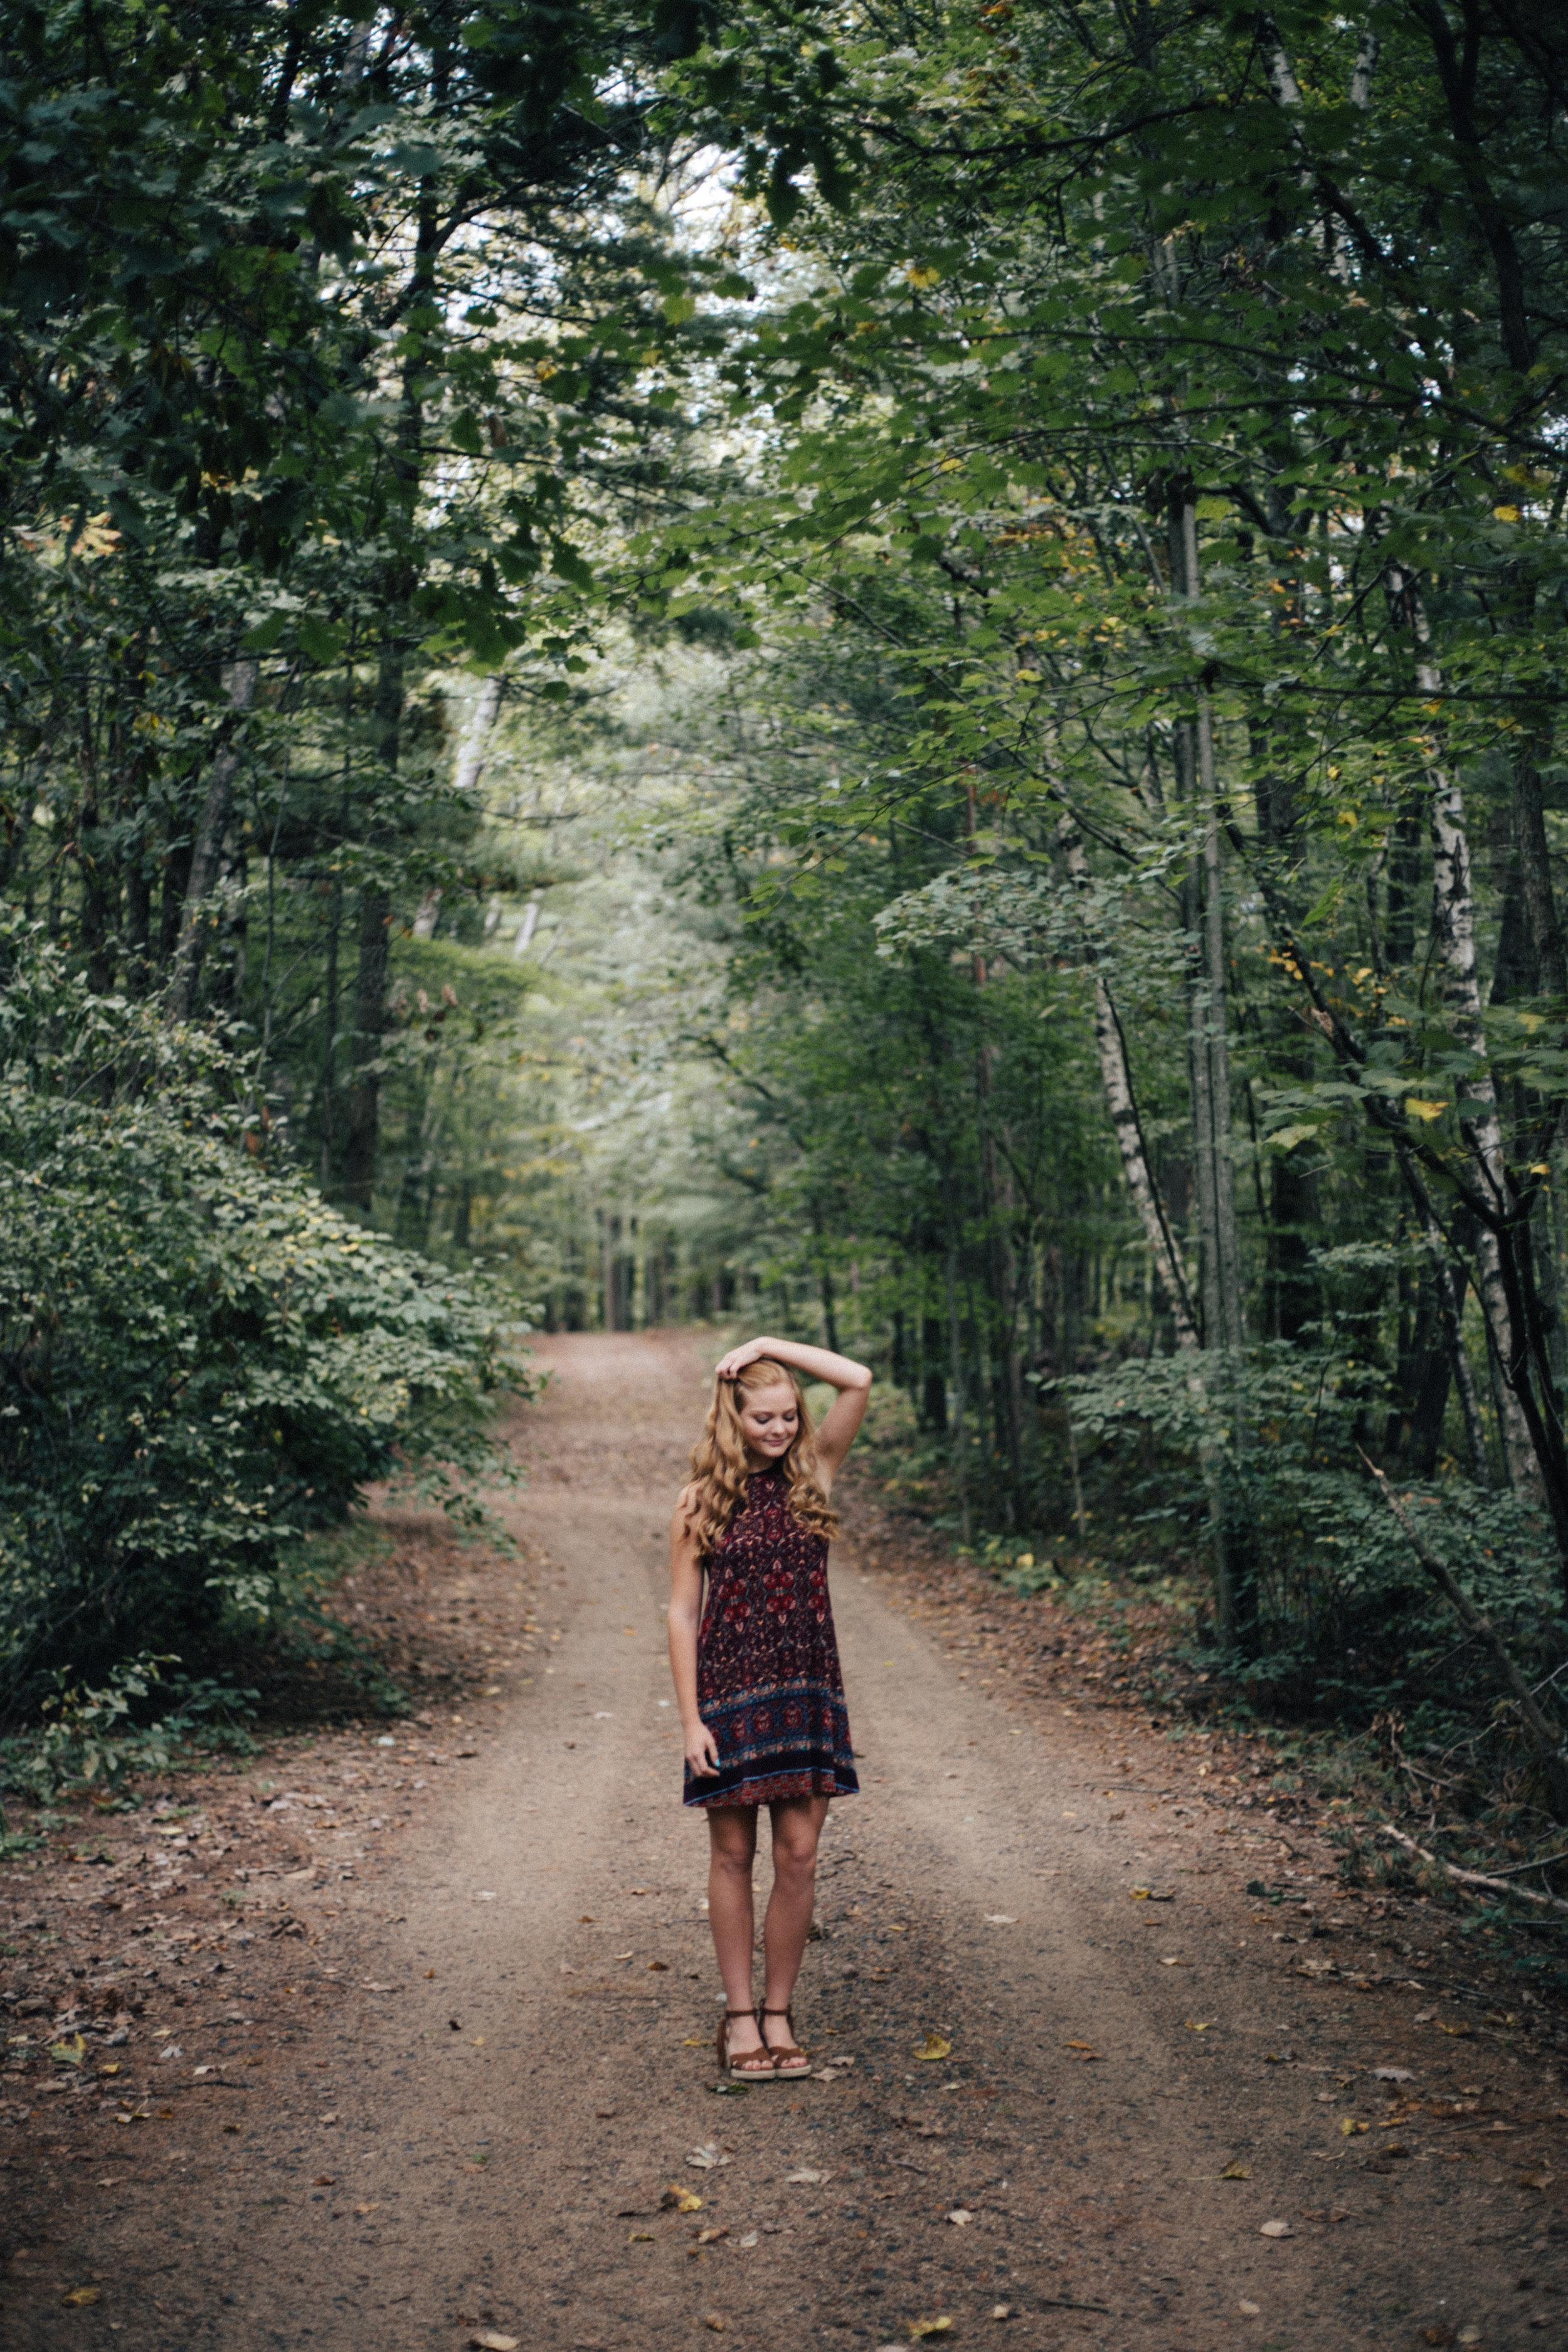 Summer senior portrait session in the woods by Britt DeZeeuw, Brainerd Minnesota fine art photographer